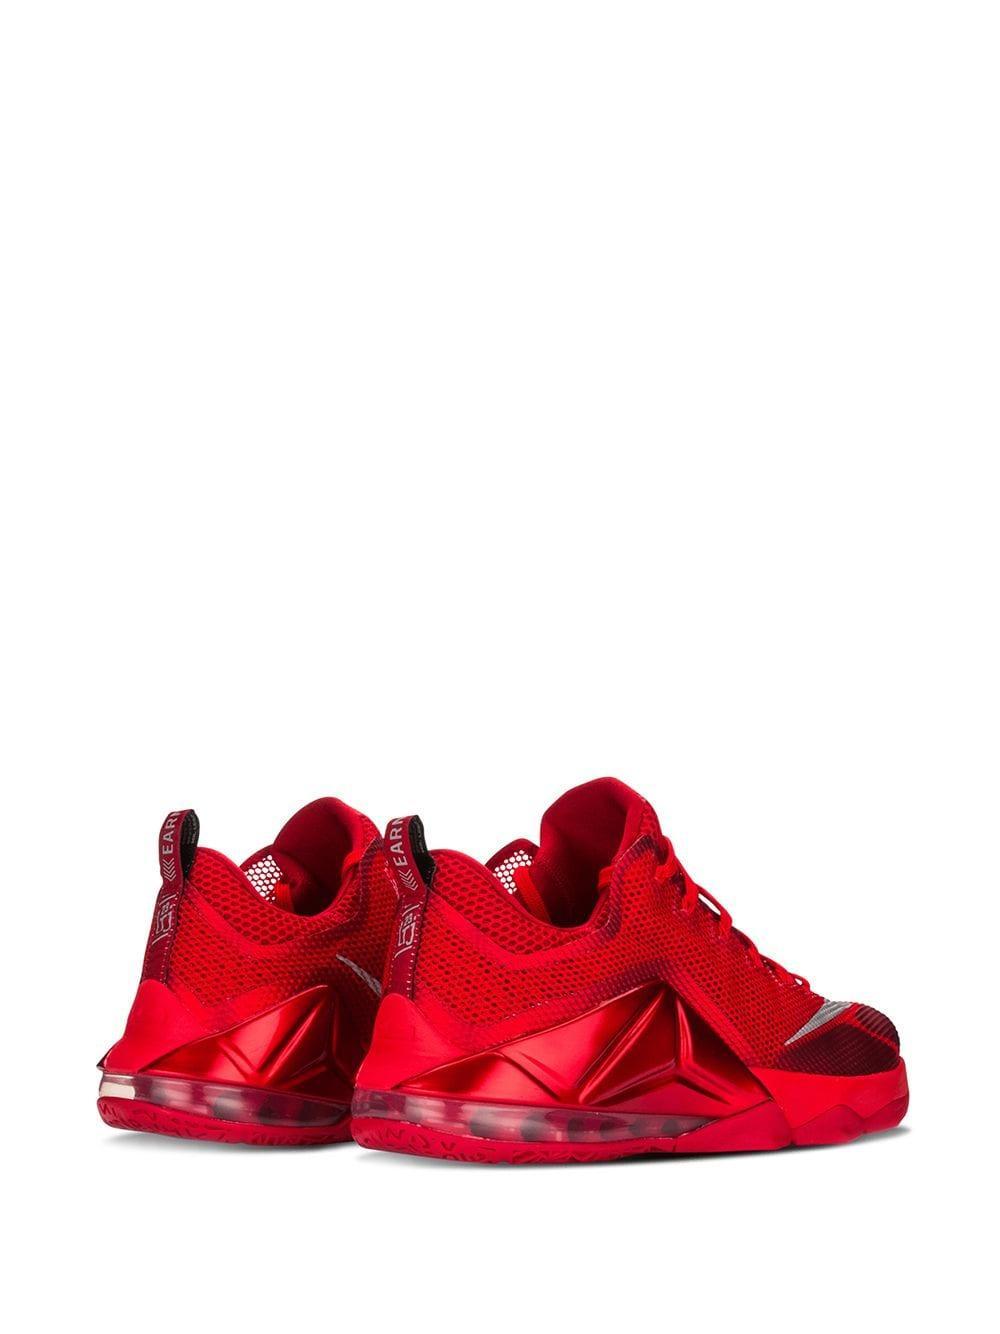 Nike Lebron 12 Low Sneakers in het Rood voor heren